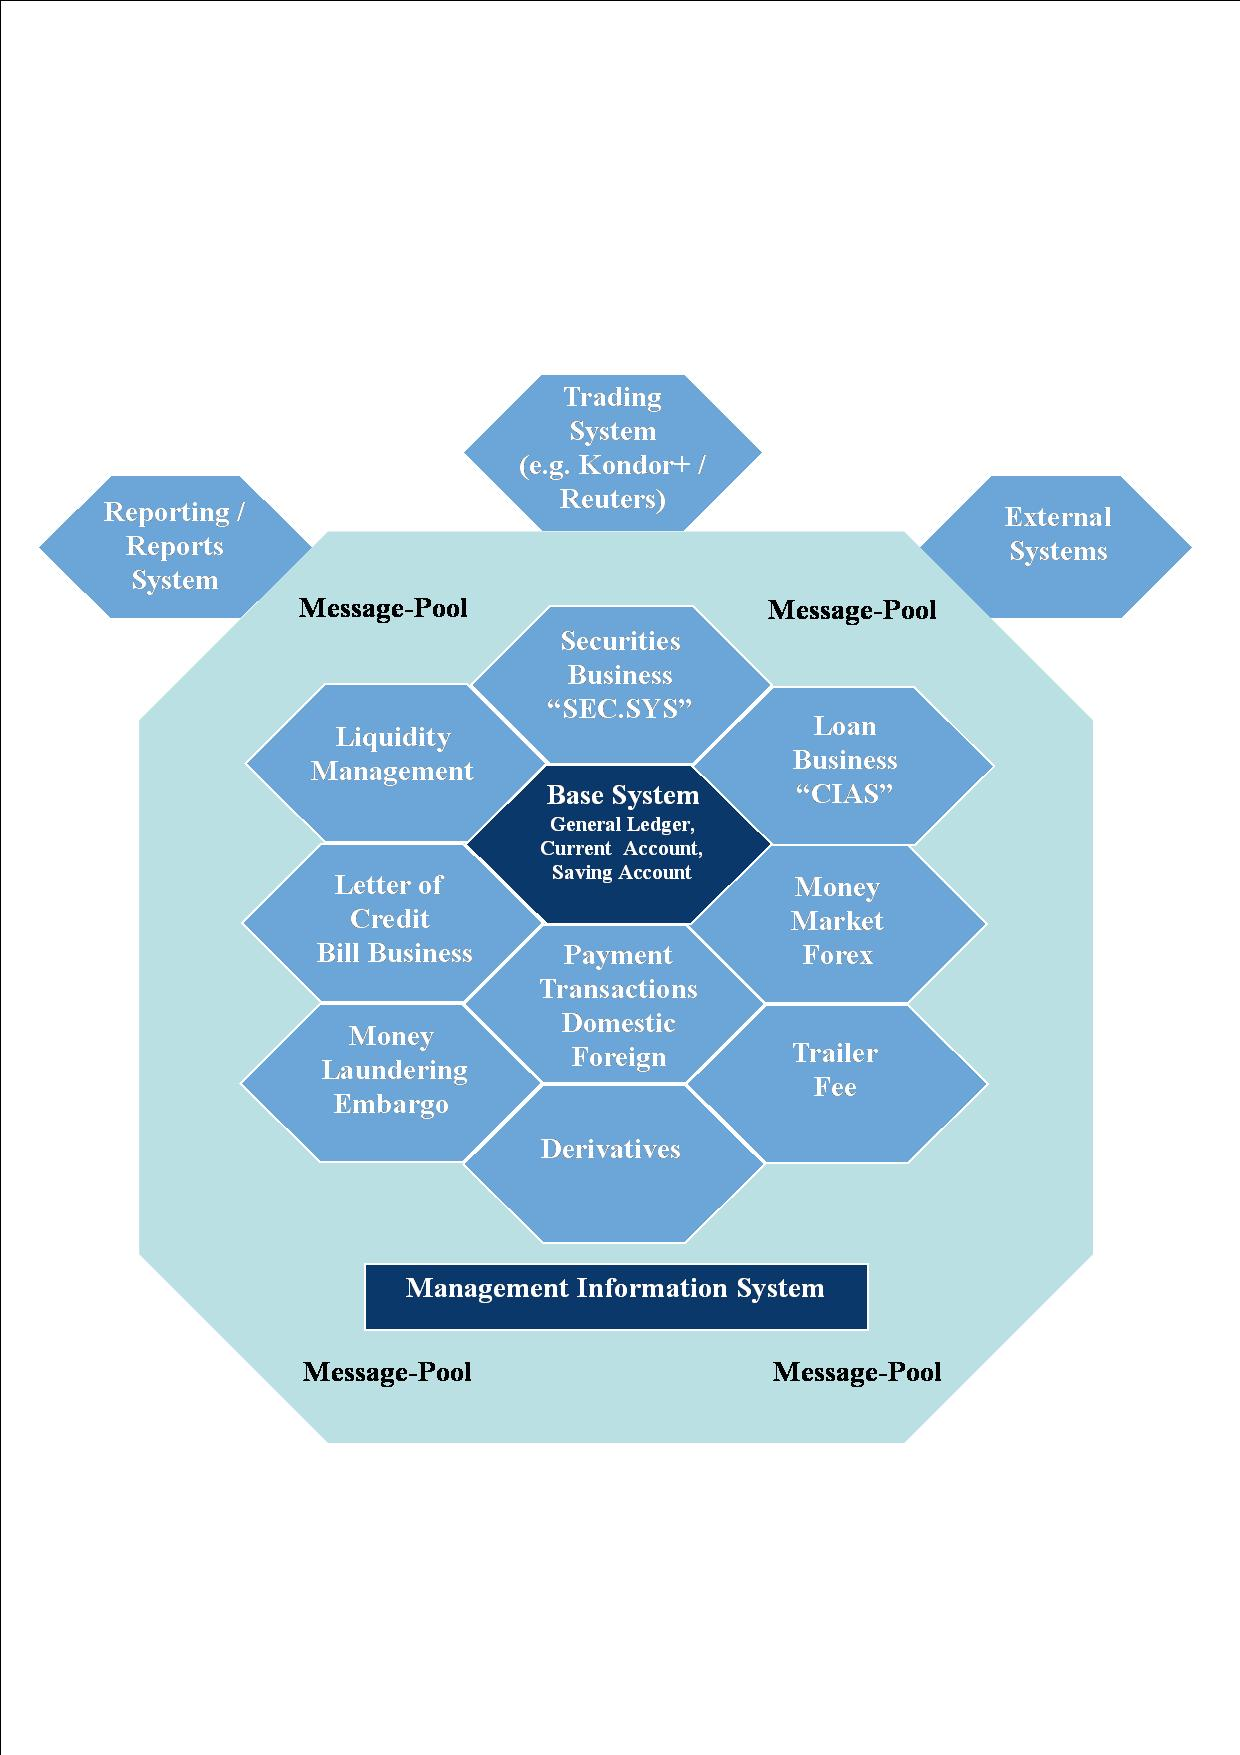 金融ソフトウェア